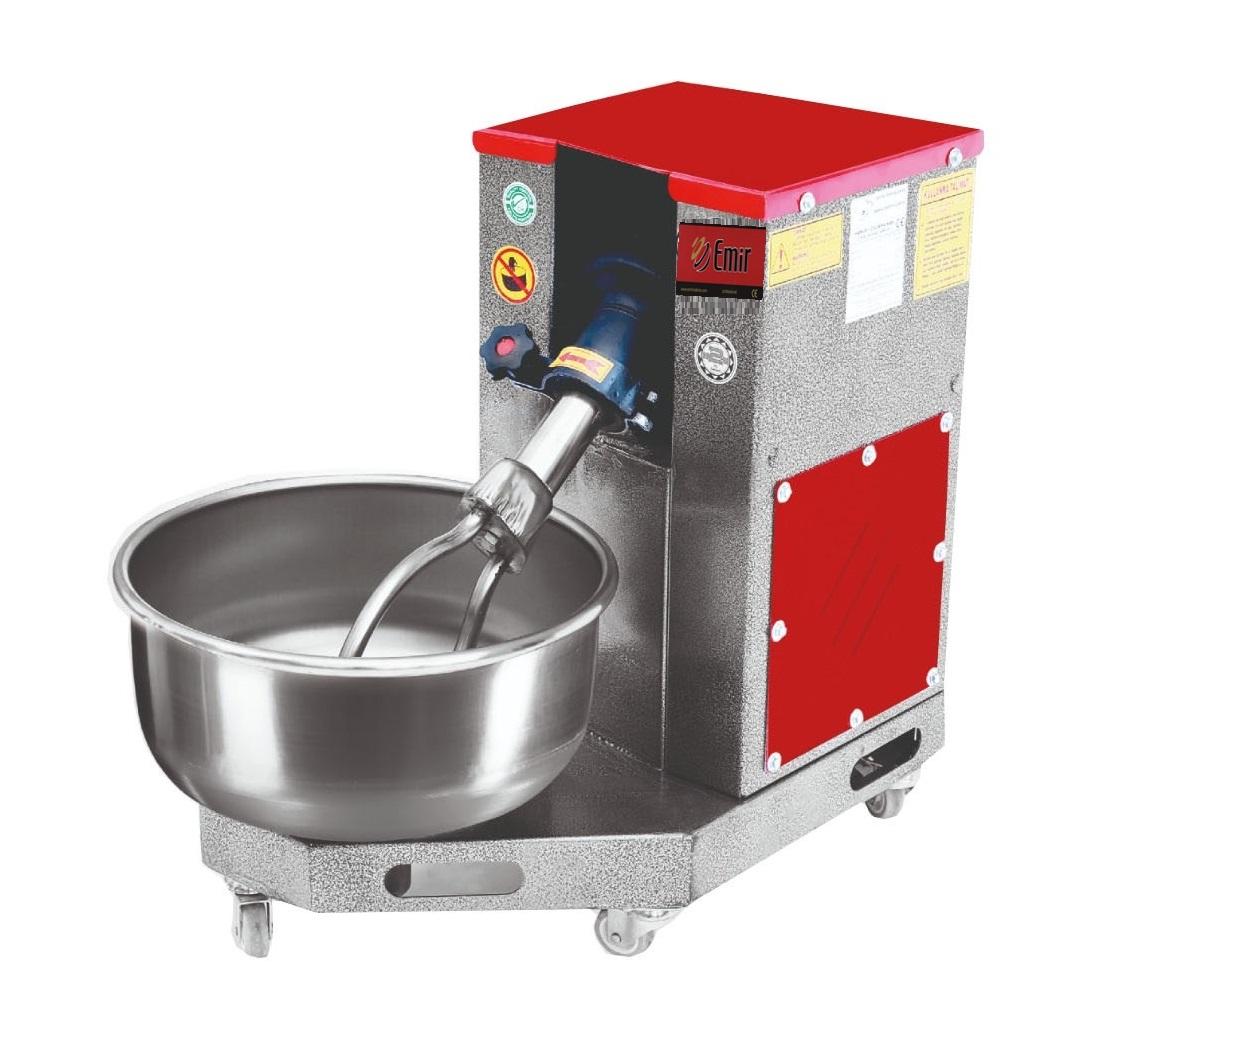 emir devirmeli 10 kg hamur yogurma makinesi fiyati 2 478 00 tl